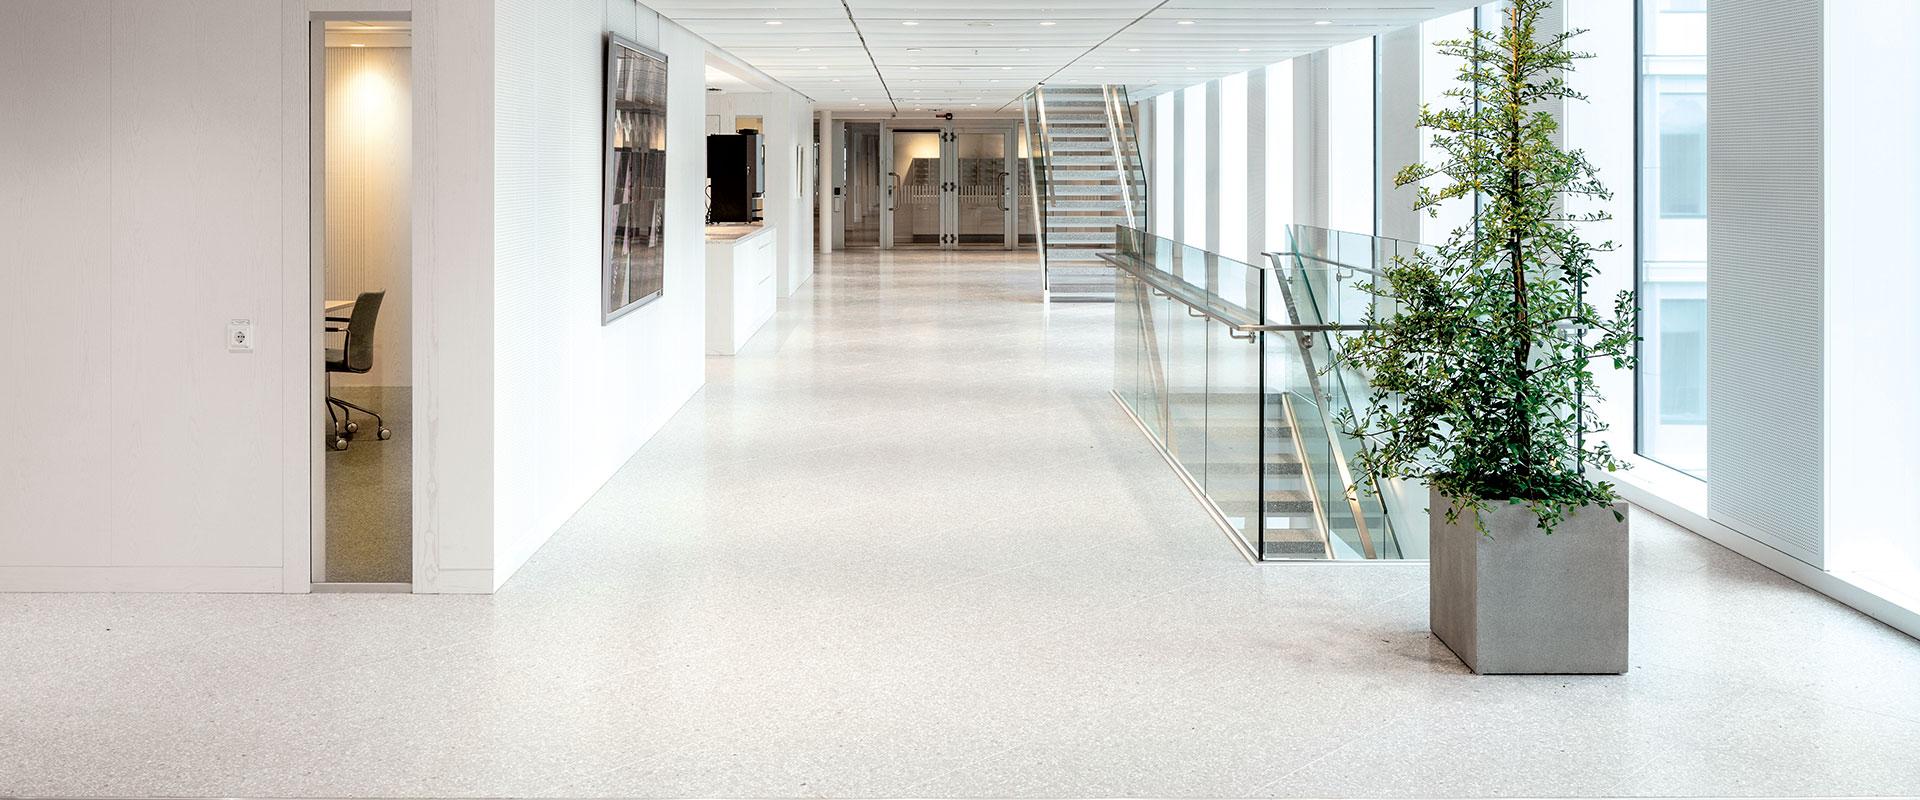 government-offices-kv-bjornen---stockholm-sweden---custom-REG-2289-custom-REG-3120---pubblico-01---OK